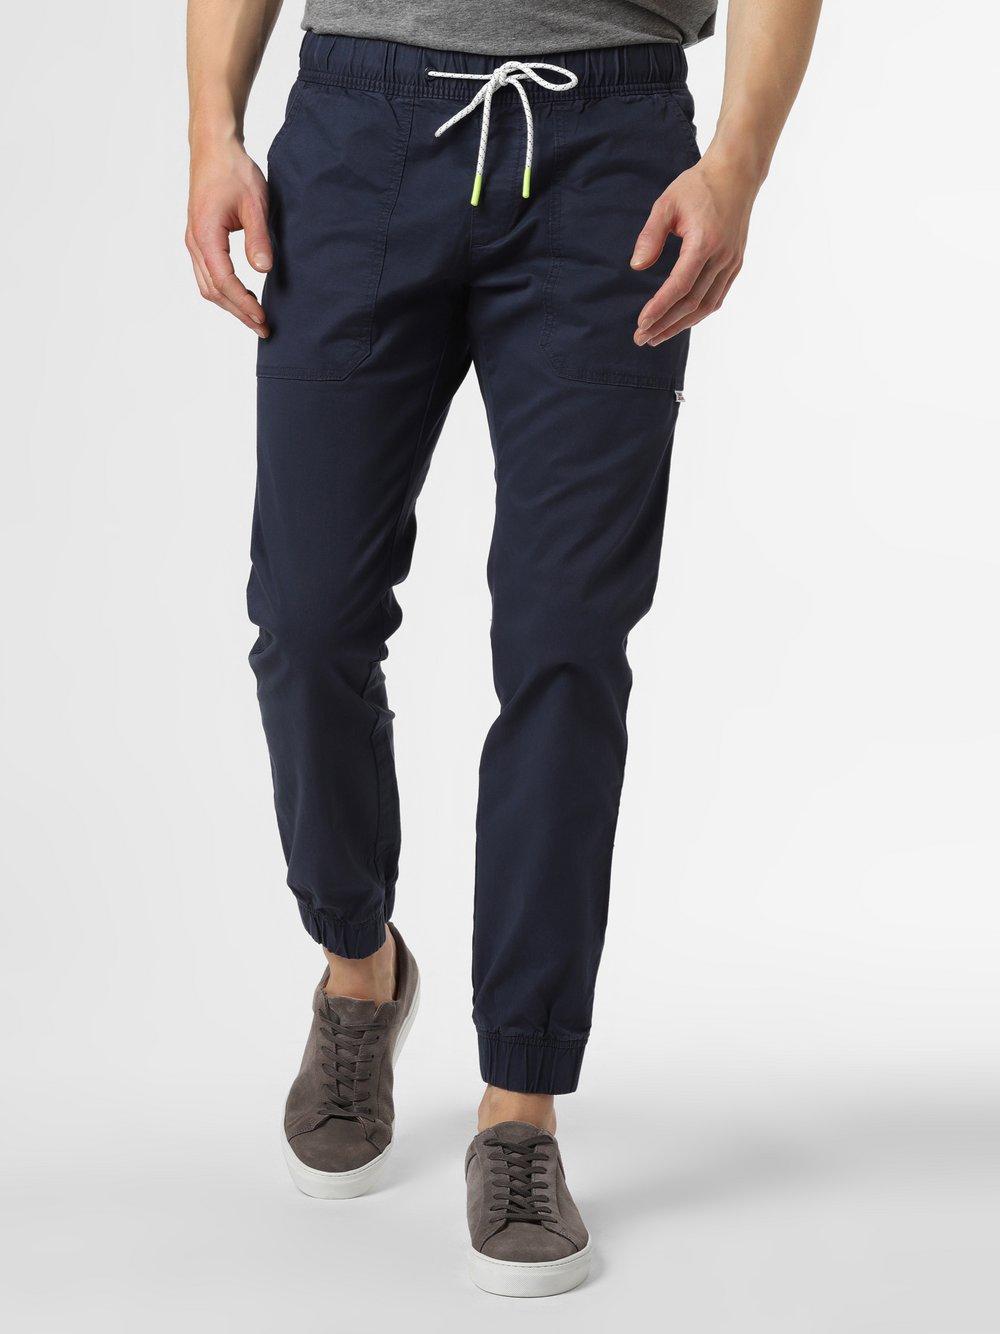 Tommy Jeans - Spodnie męskie – Scanton, niebieski